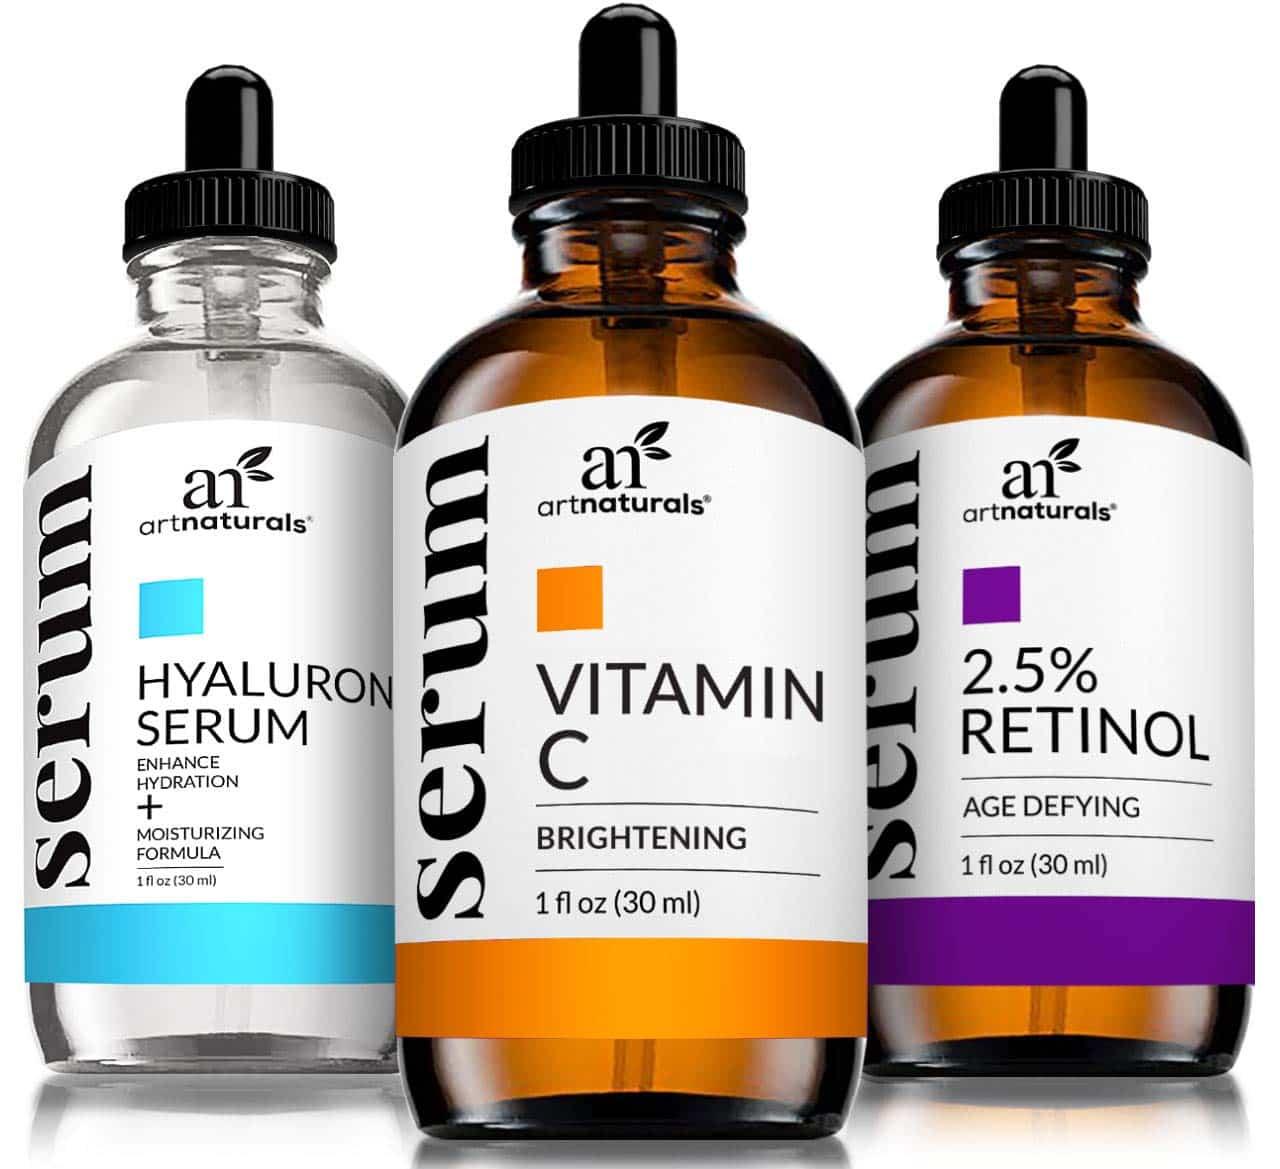 ArtNaturals Anti-Aging Vitamin-C Serum